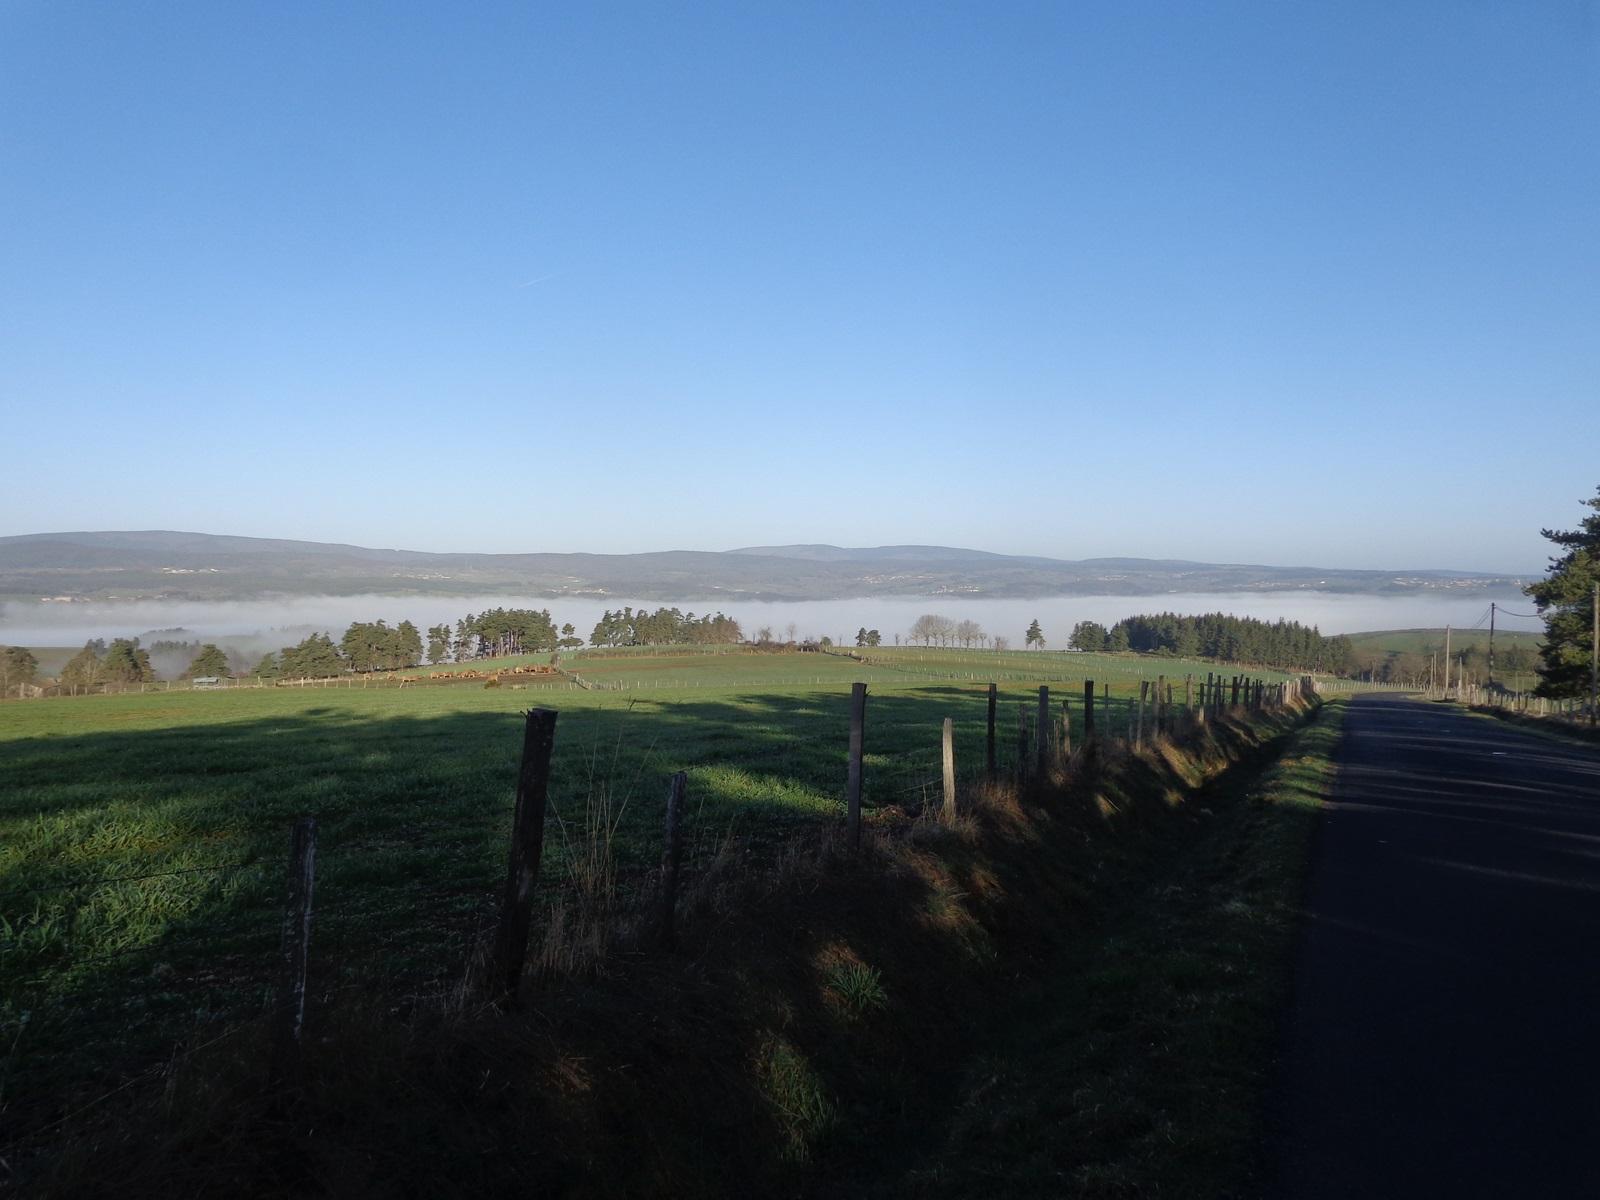 Saugues, haut lieu du chemin de Compostelle depuis le Puy en Velay est sous la brume.